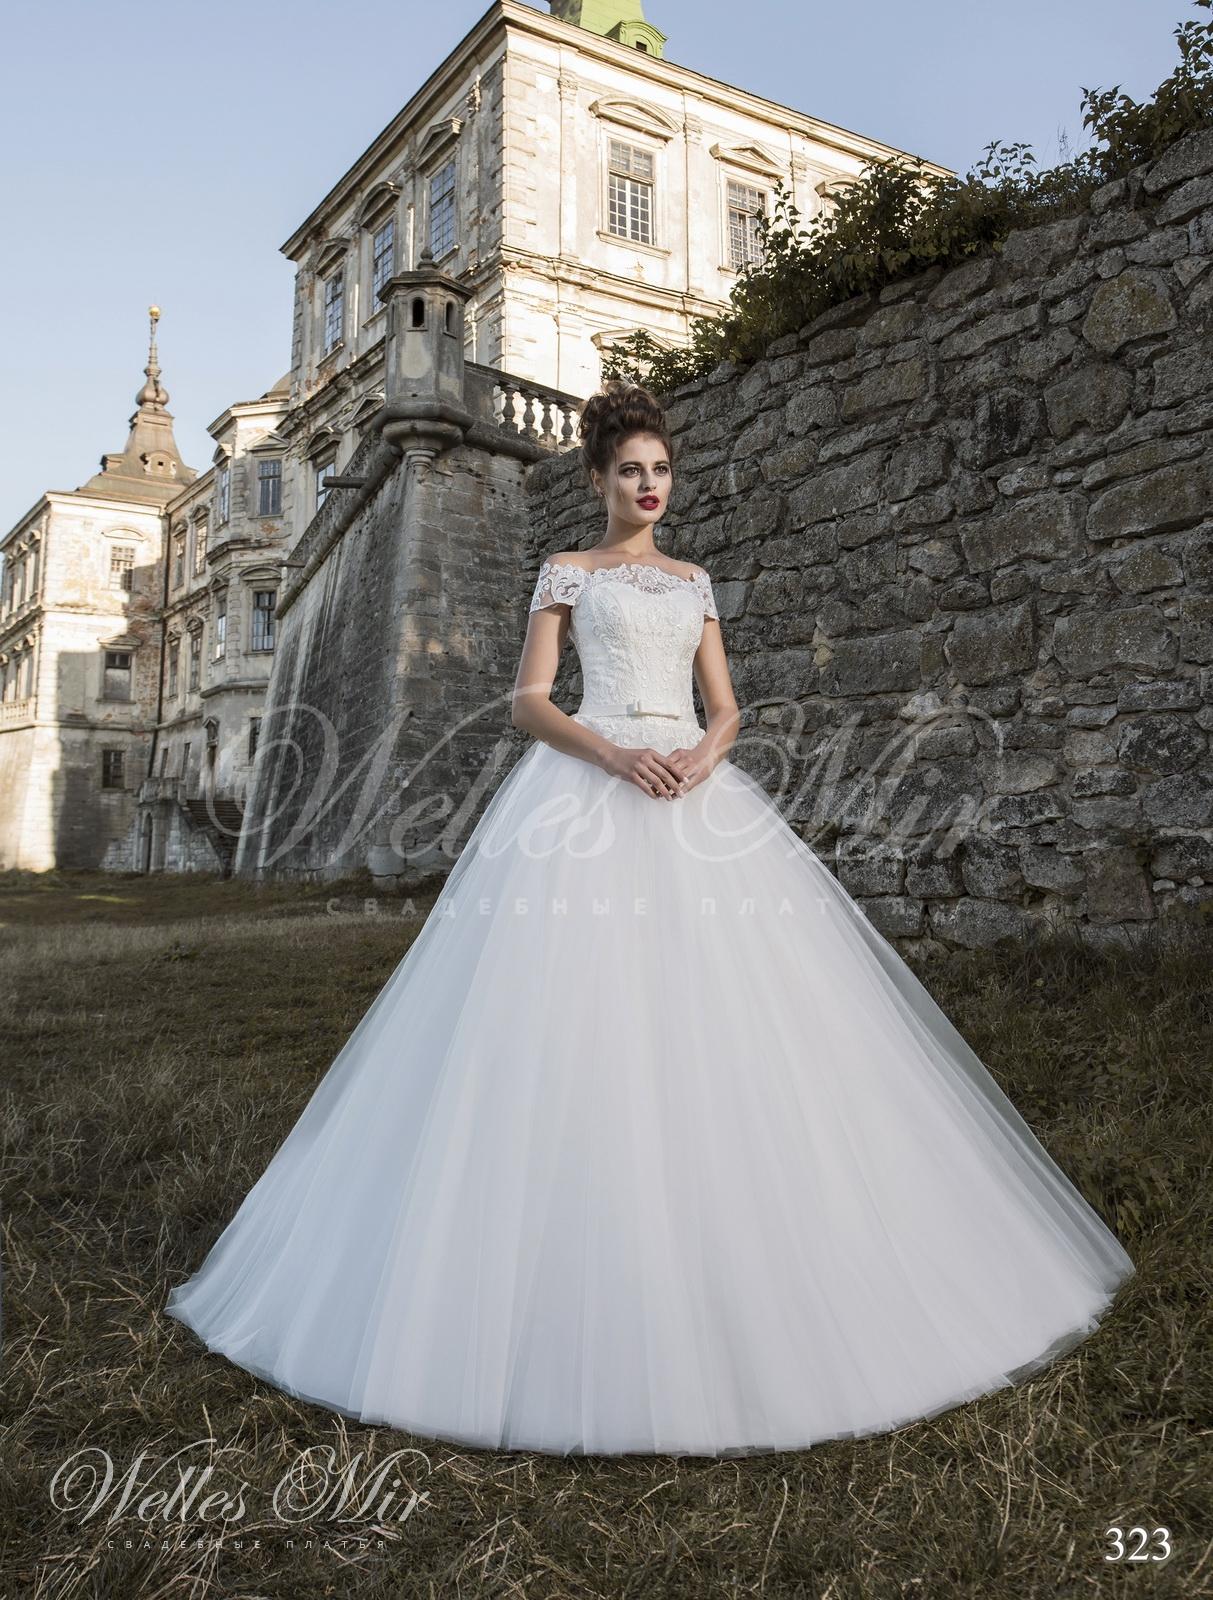 Свадебные платья Exquisite Collection - 323